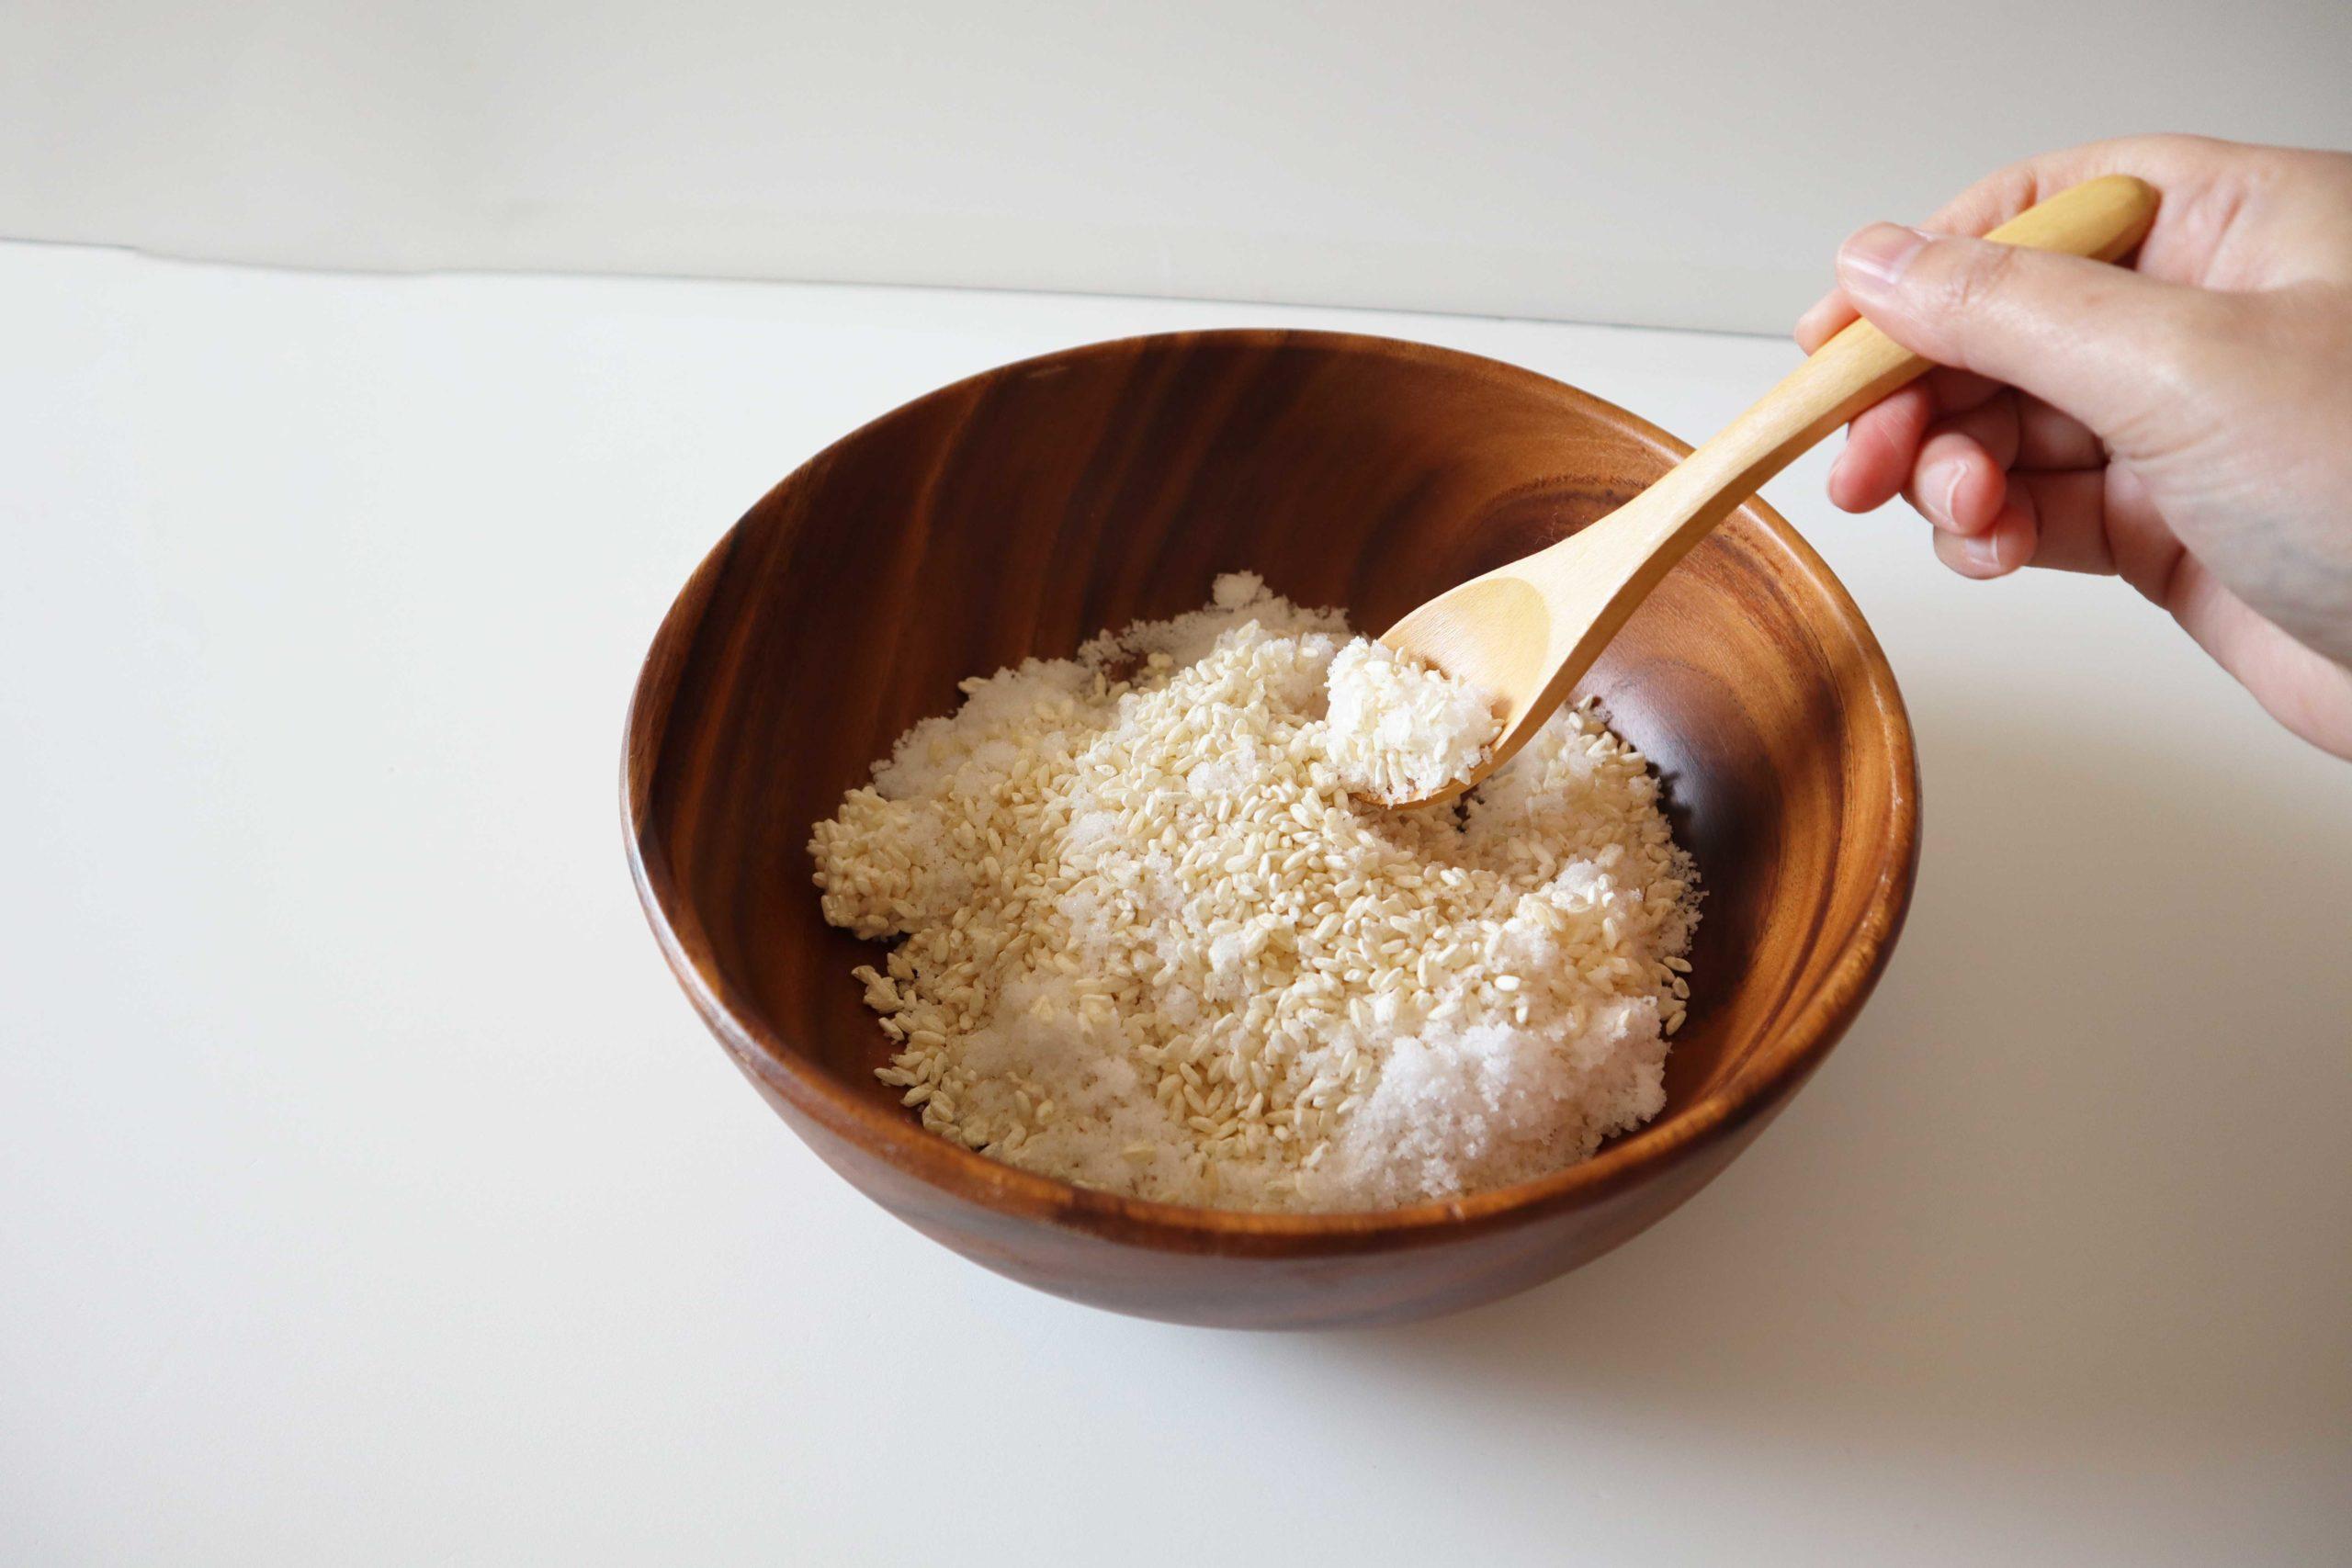 塩と麹を混ぜているところ